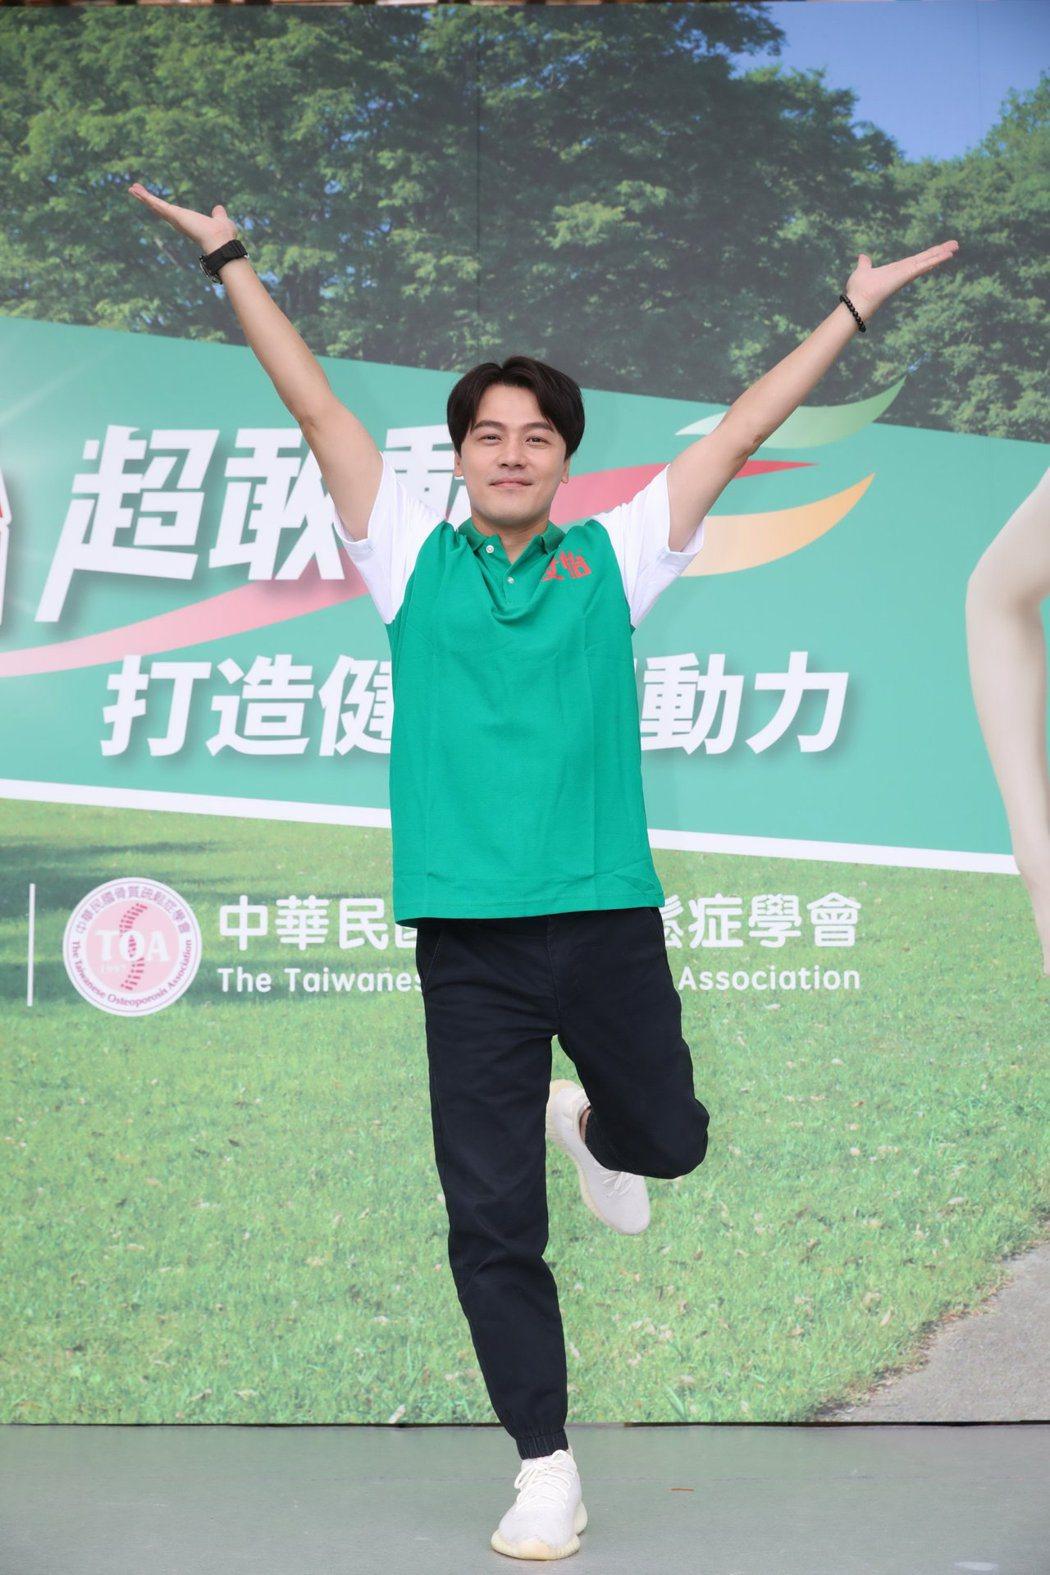 黃文星出席活動,陪婆媽嗨跳健康操。圖/安怡行動力保健提供